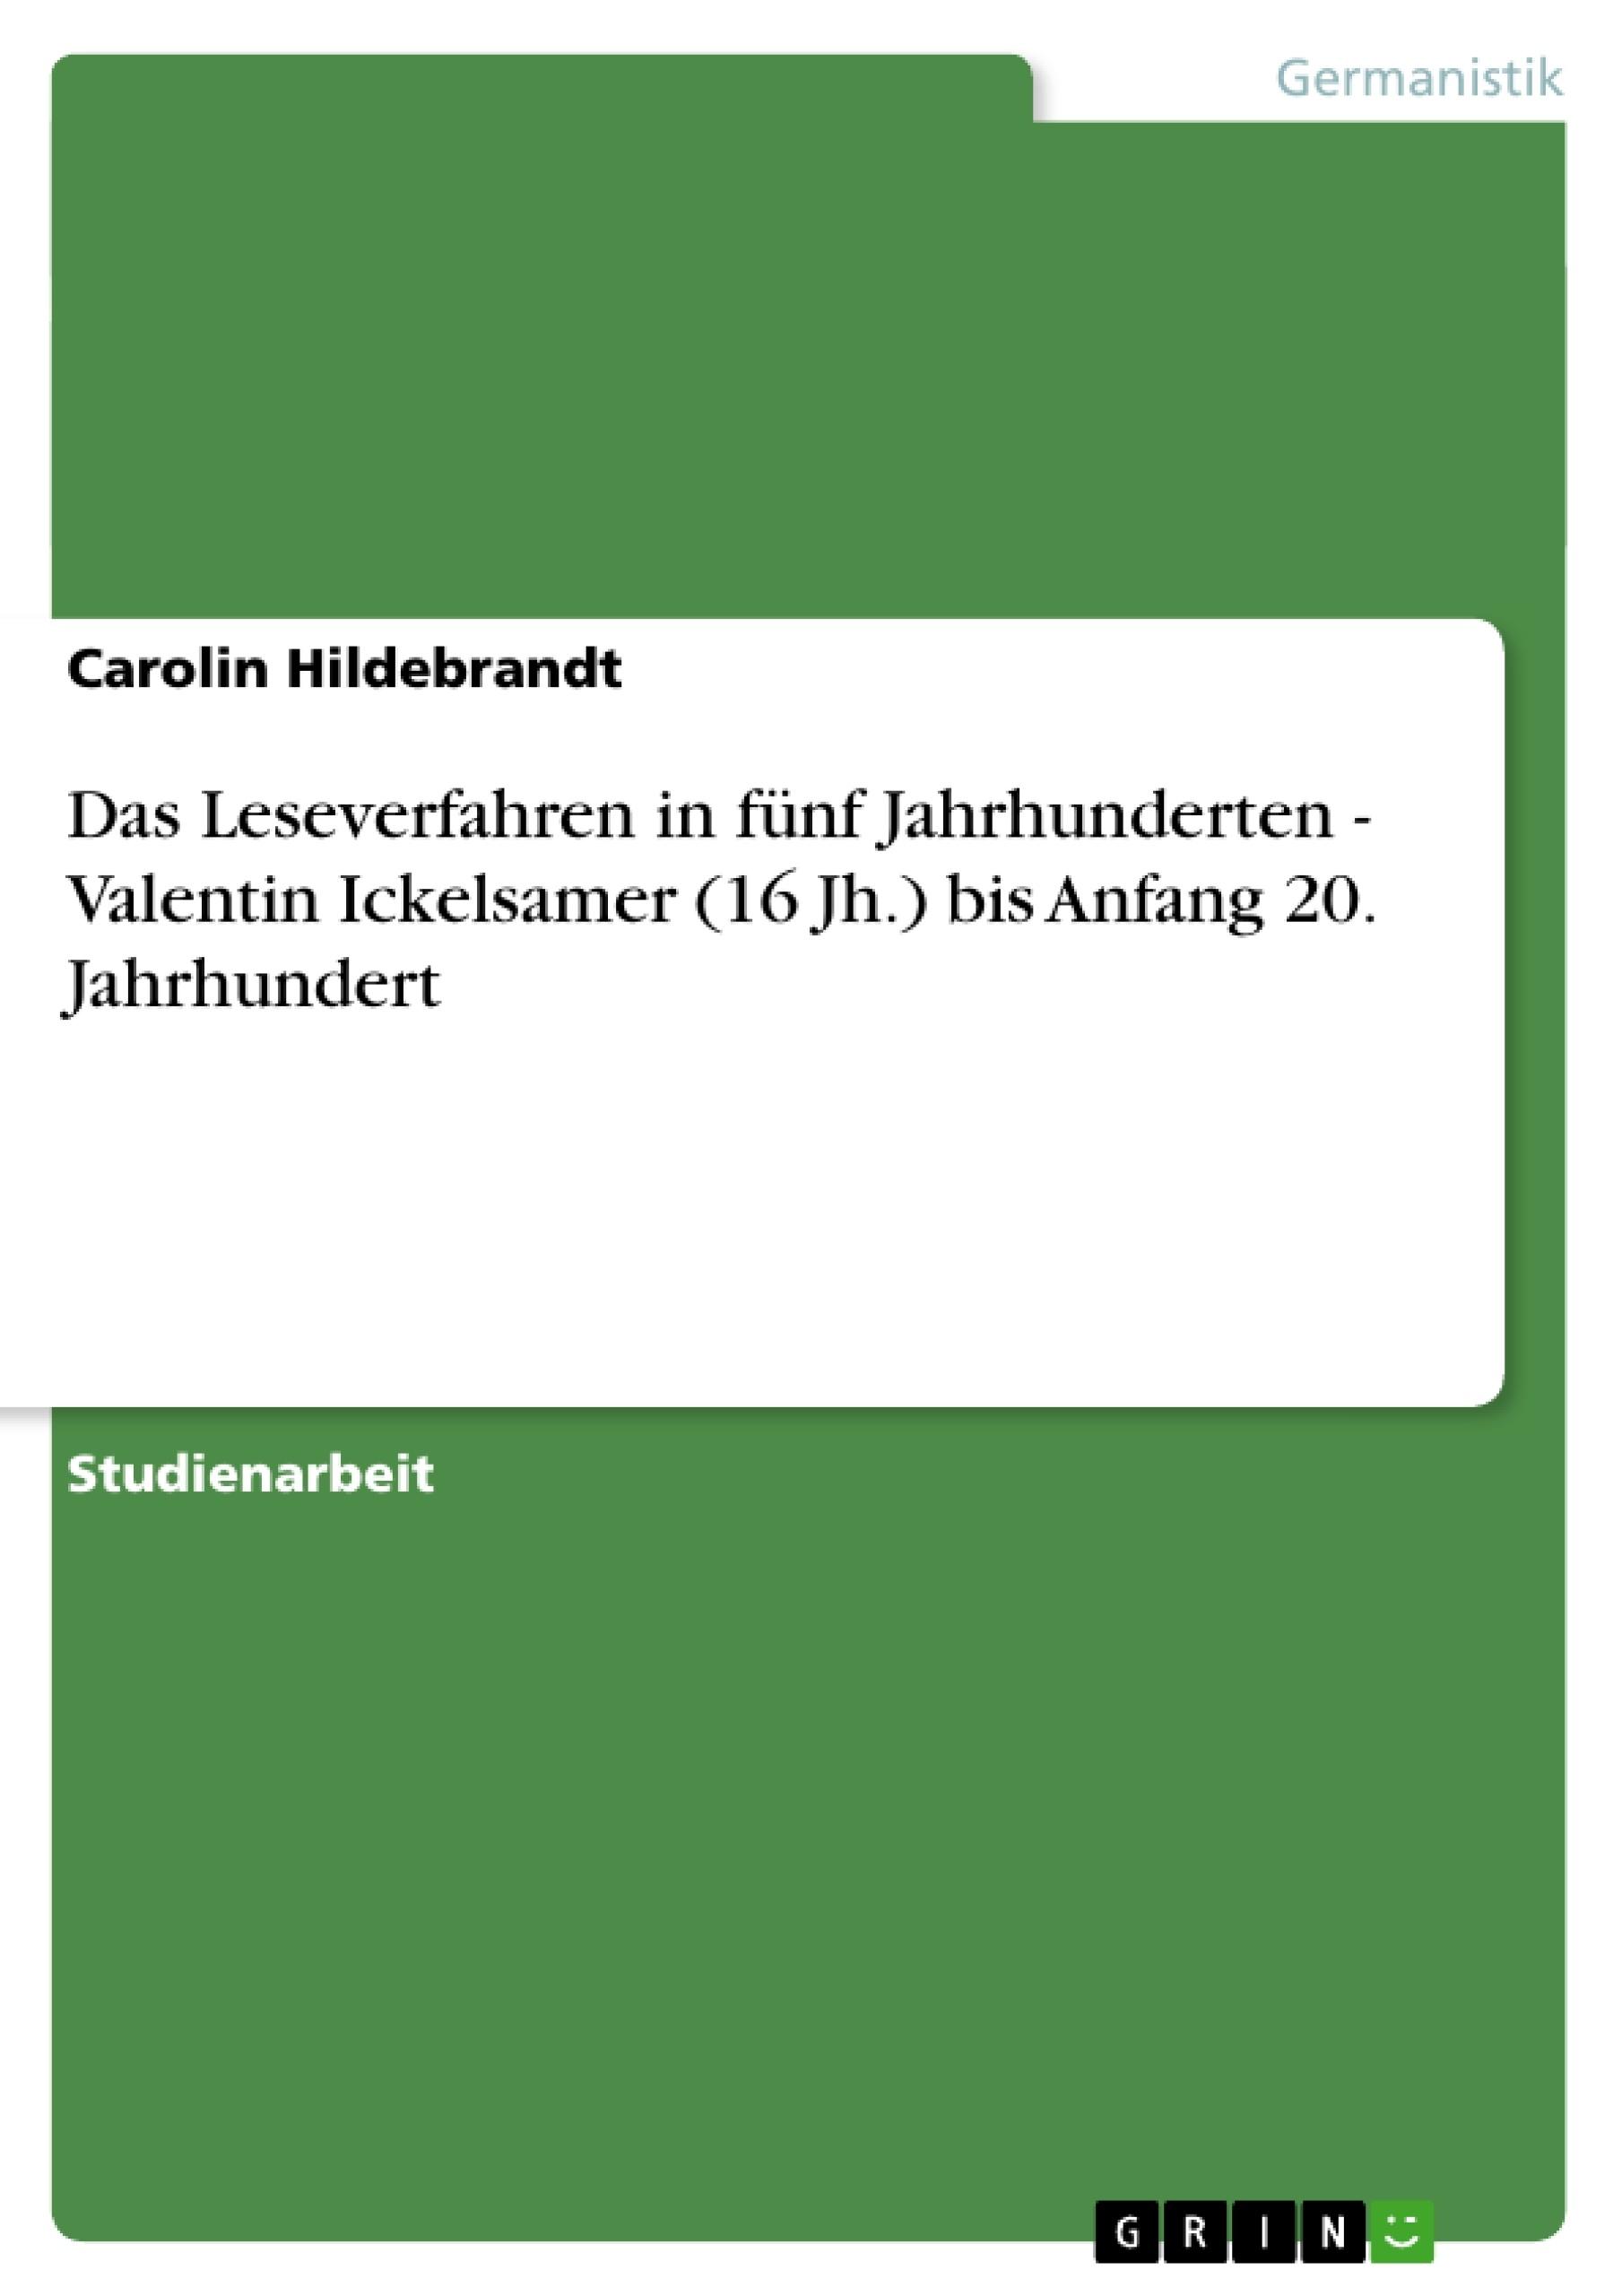 Titel: Das Leseverfahren in fünf Jahrhunderten - Valentin Ickelsamer (16 Jh.) bis Anfang 20. Jahrhundert